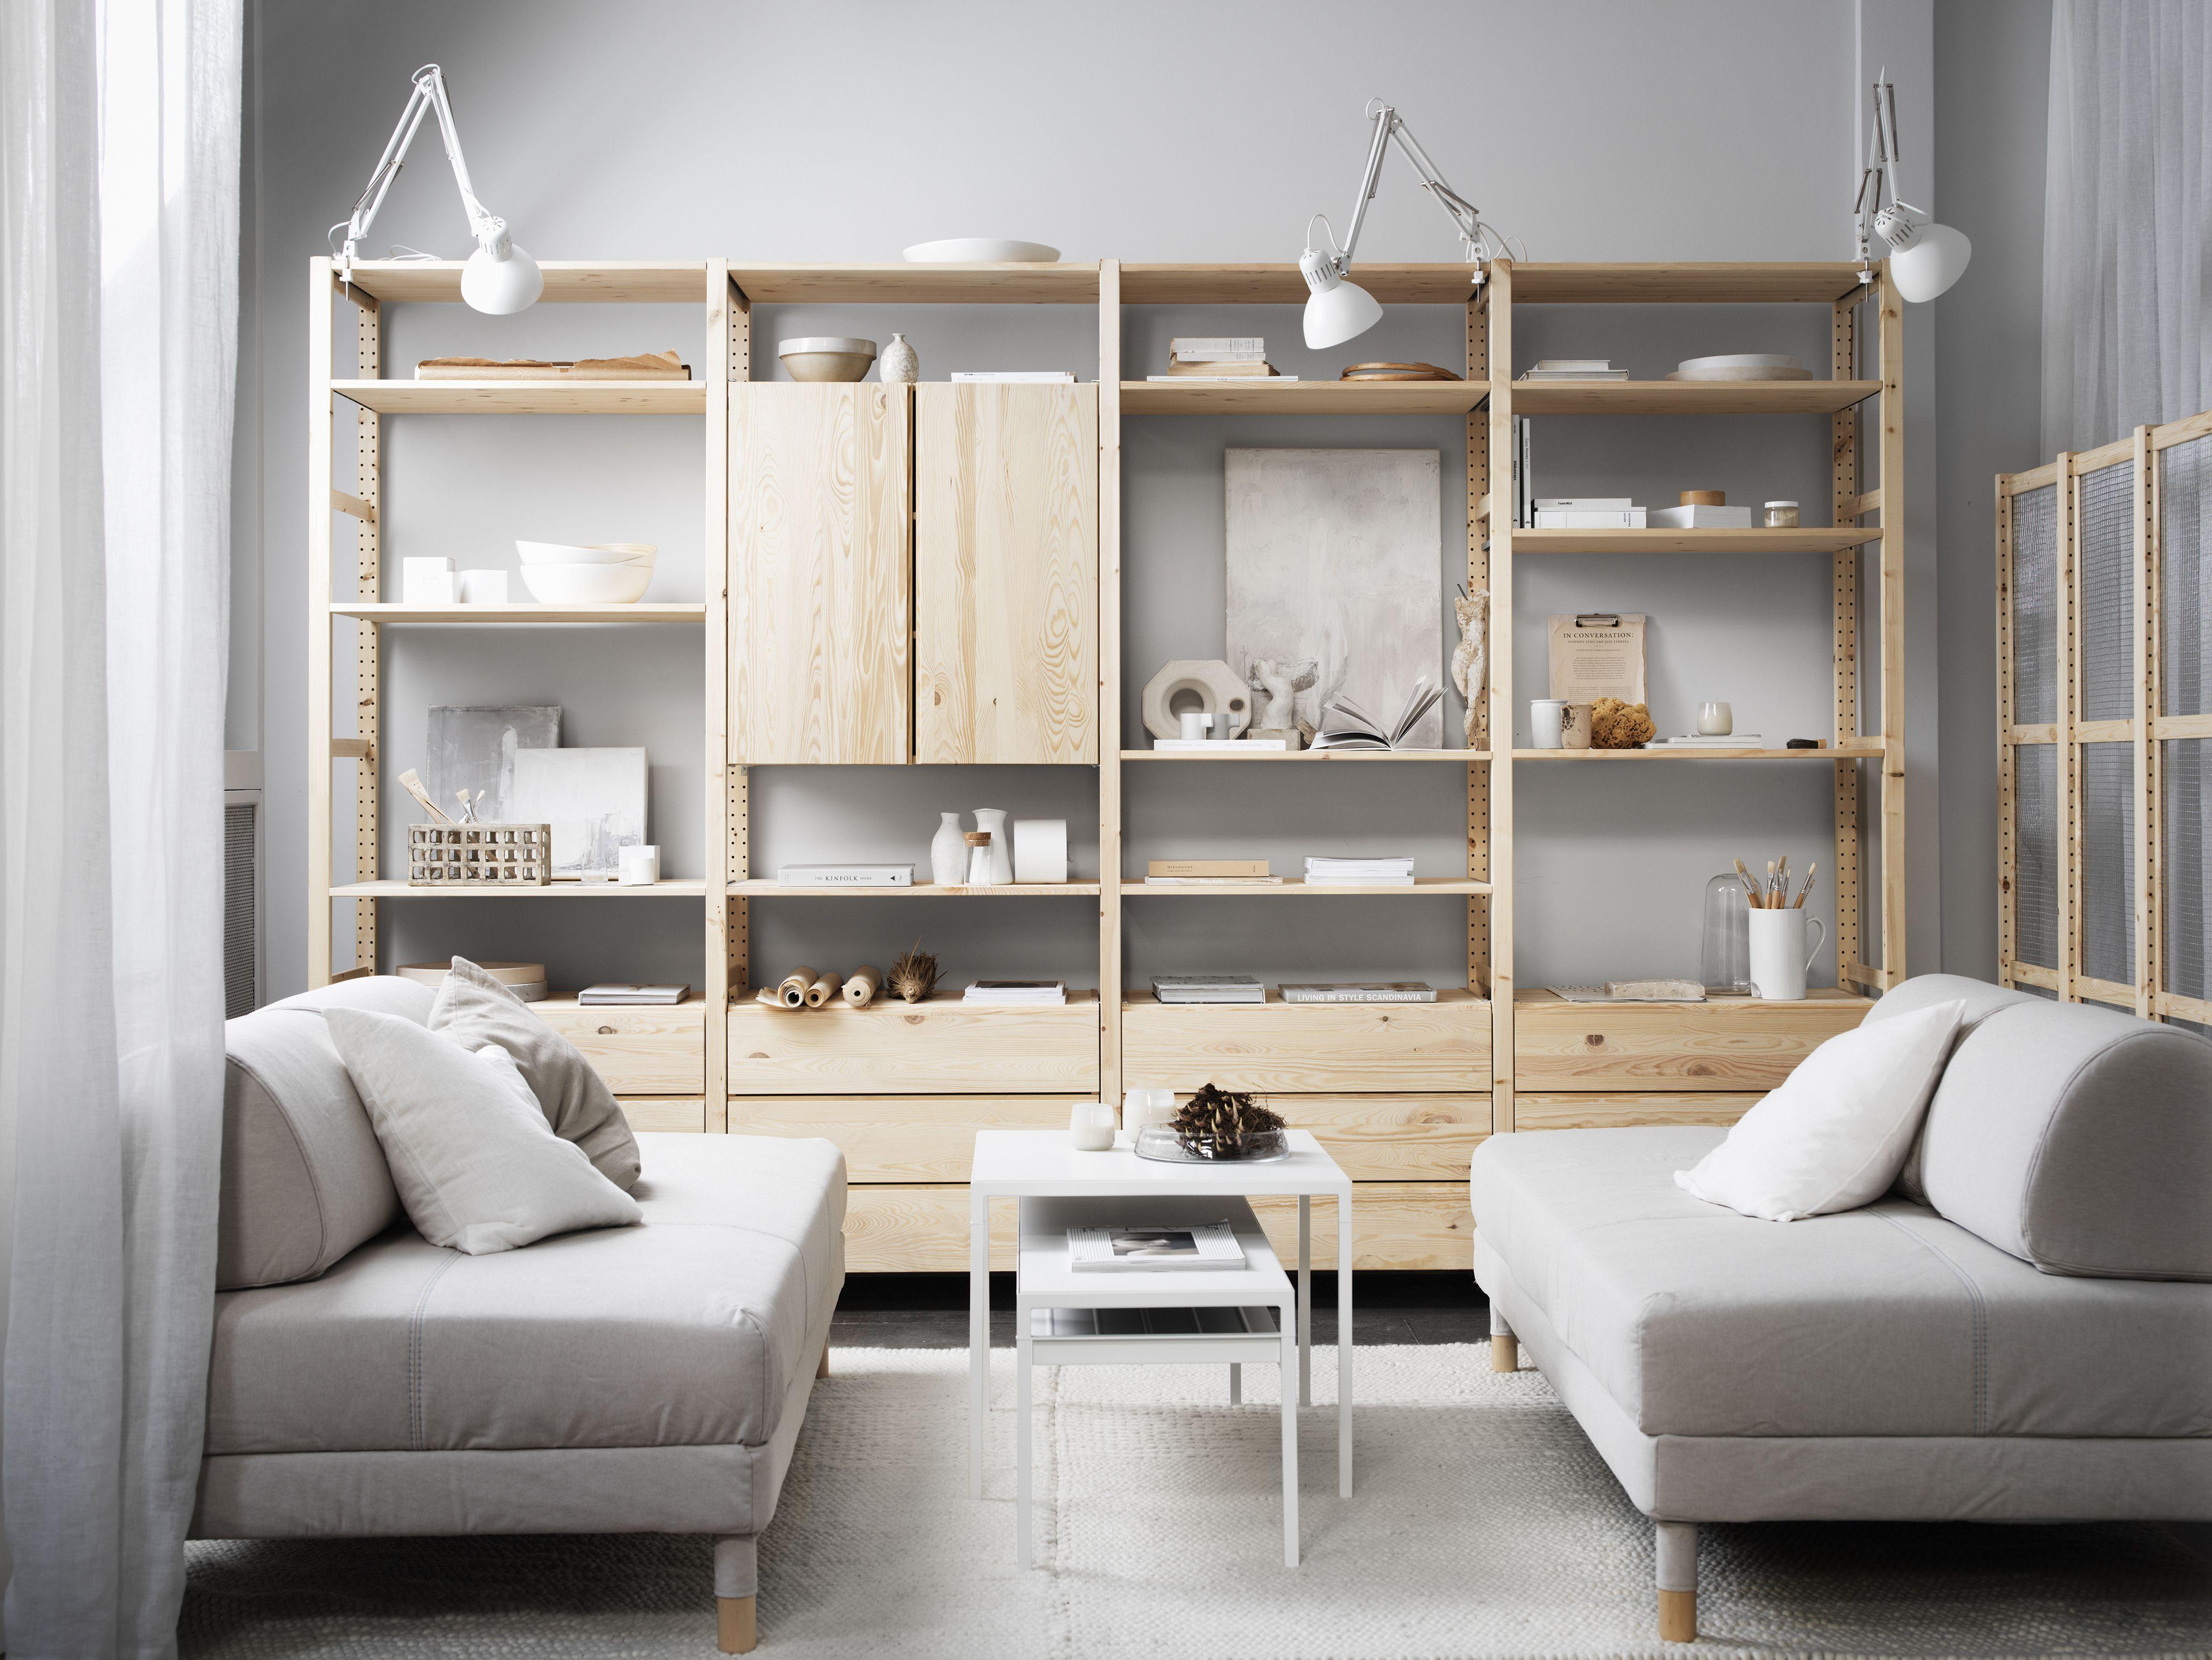 ny bild ivar hyllkombination och flottebo soffa ideias. Black Bedroom Furniture Sets. Home Design Ideas